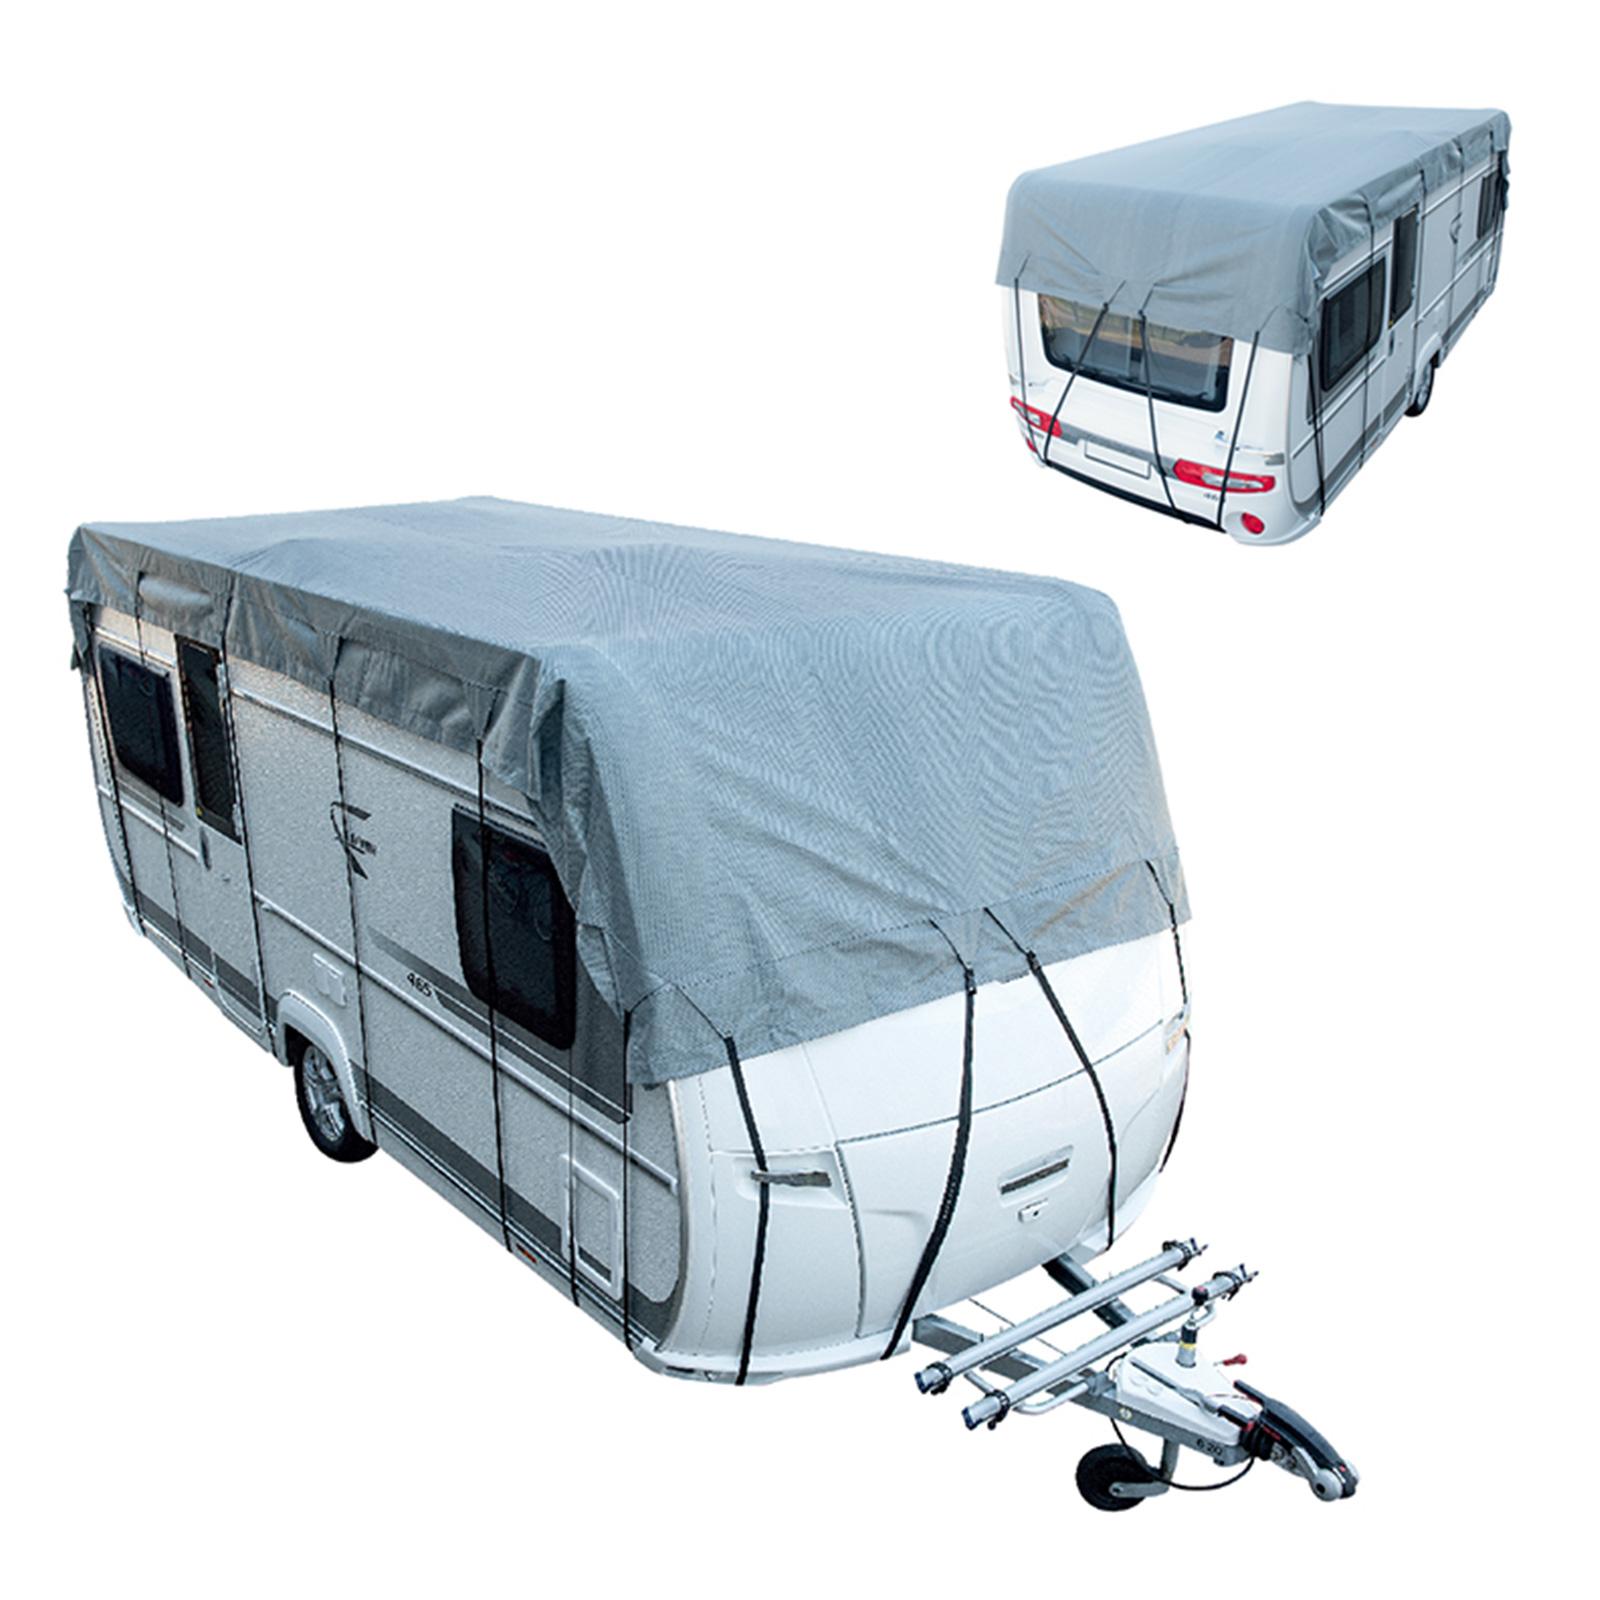 Details zu Wohnwagen Wohnmobil Reisemobil Schutzdach Dachschutzplane  Schutzhülle 10x10 m